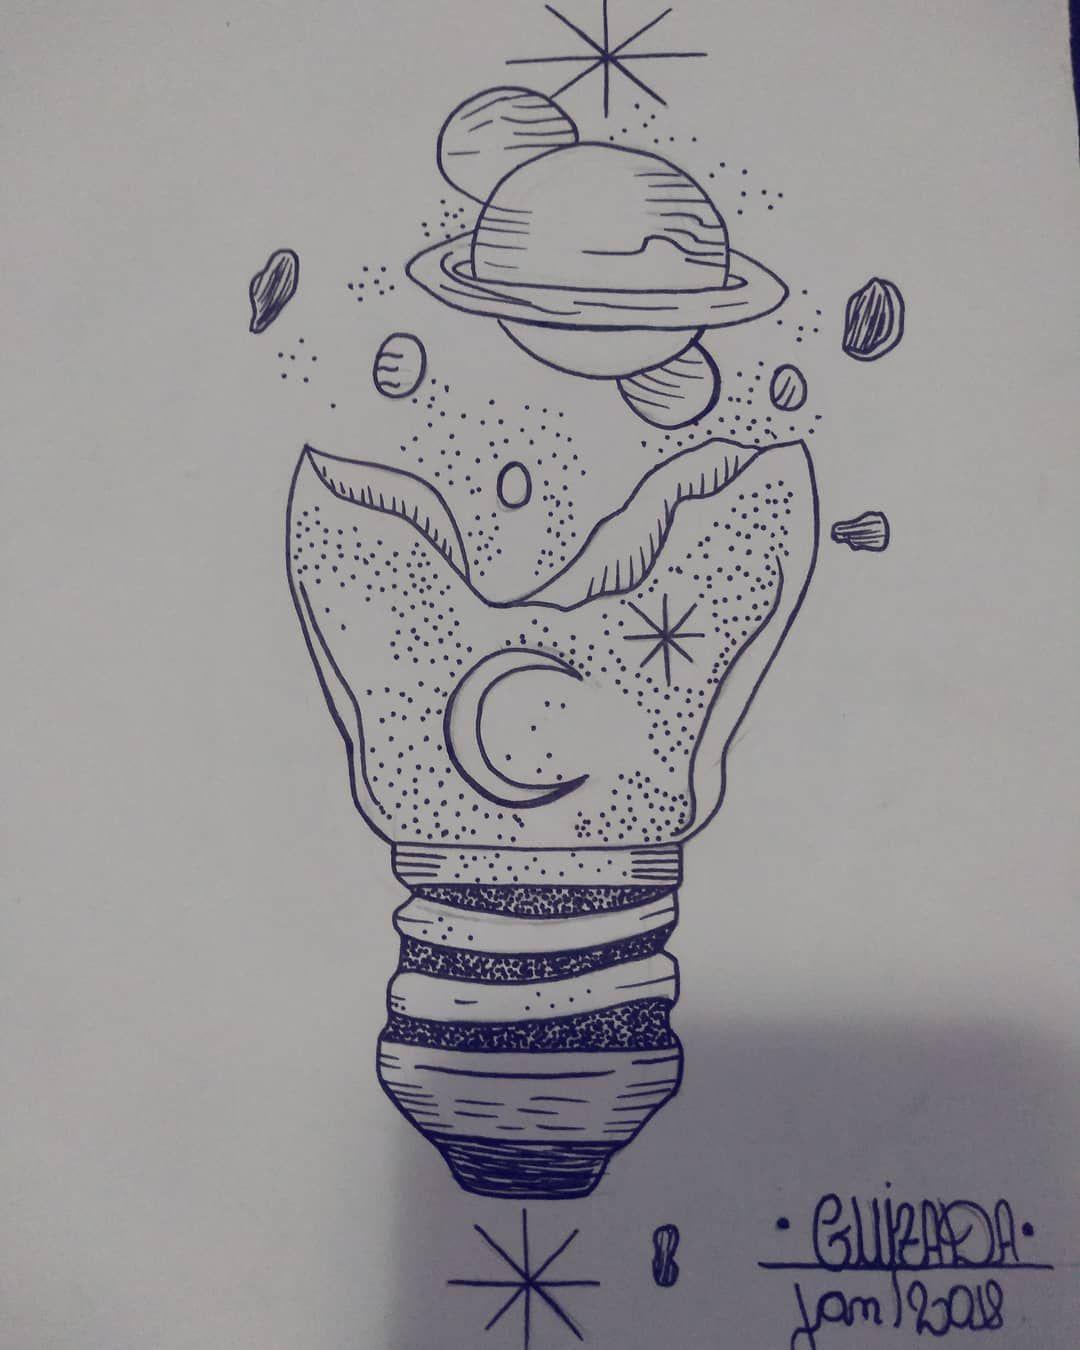 Lâmpada Tumblr Gostou Deixa O Desenhostumblr